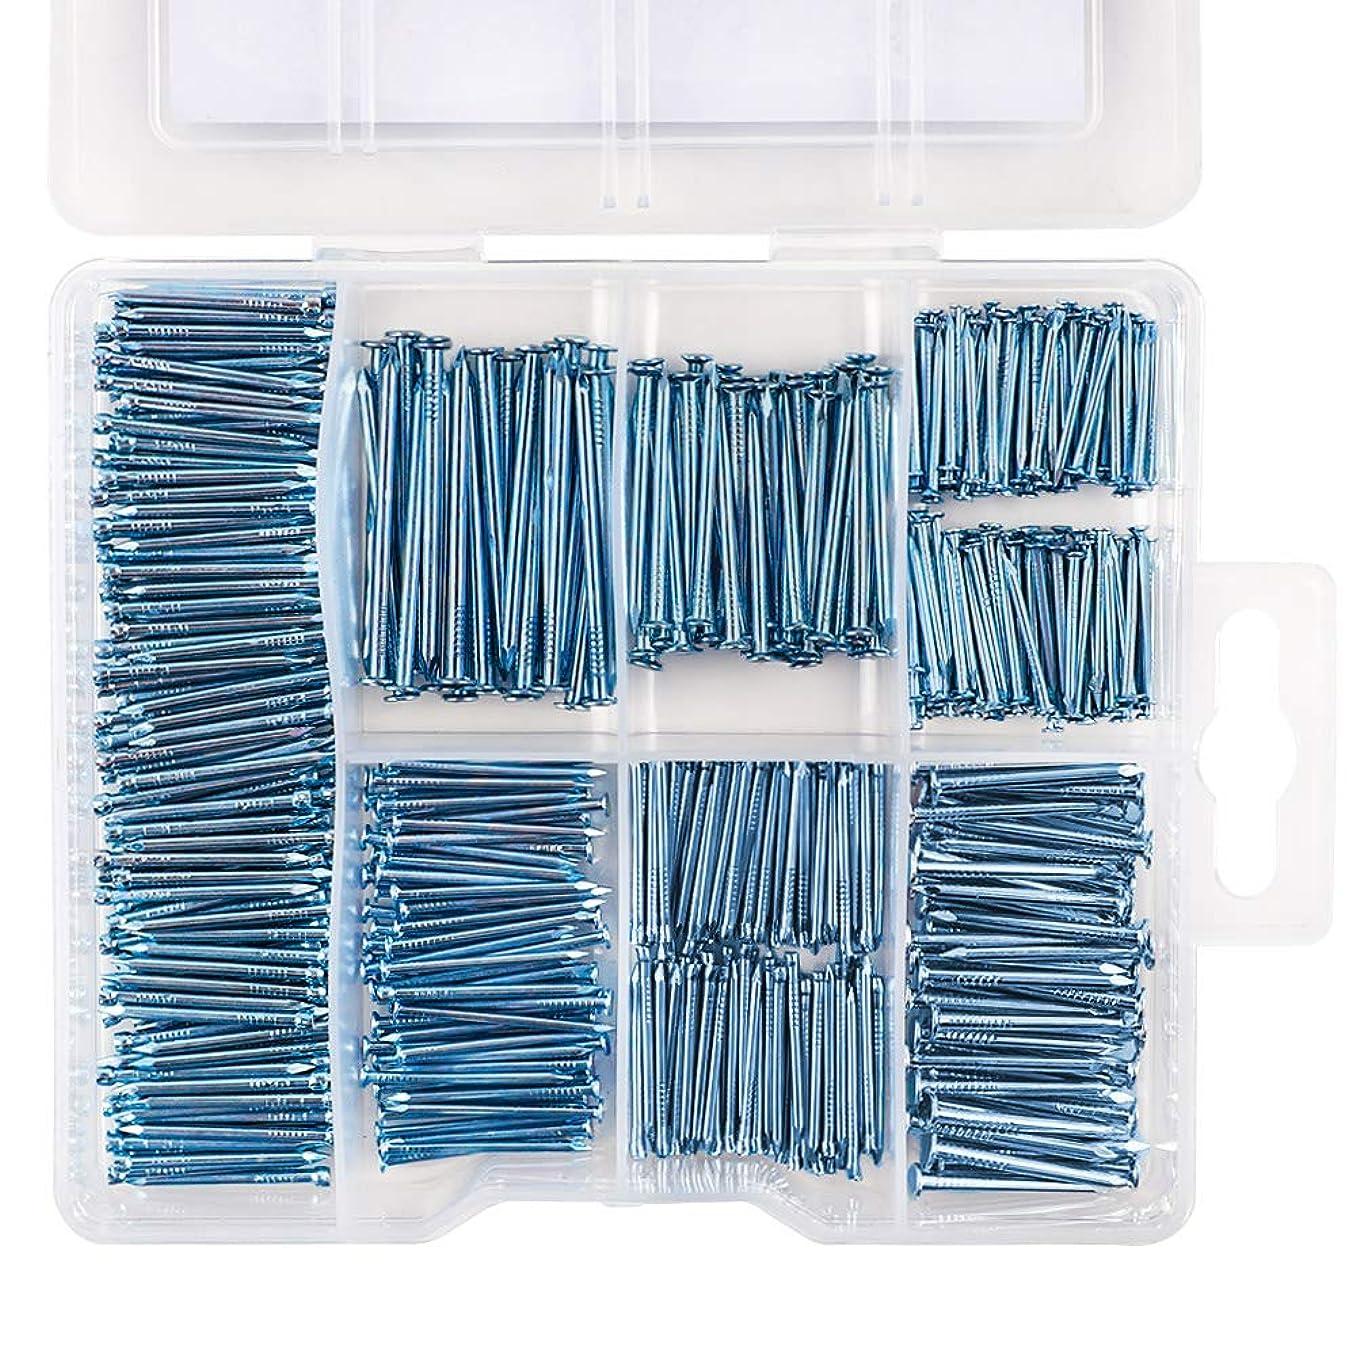 Coceca Hardware Nail Assortment Kit, Galvanized Nails, 7 Size Assortment (600 pcs)